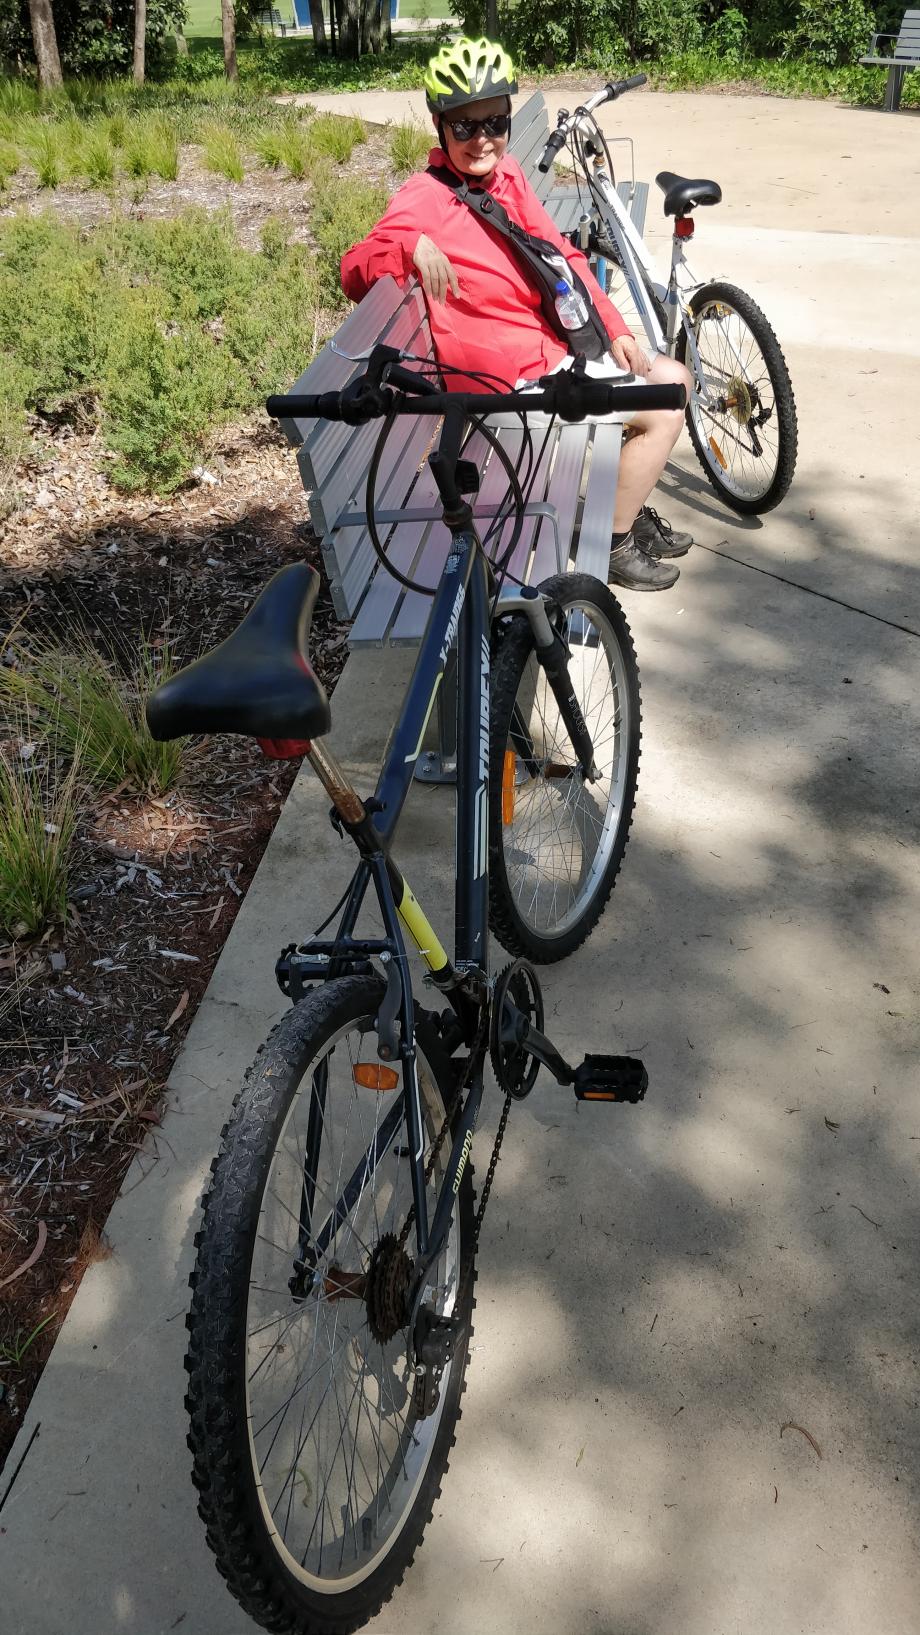 Casques obligatoires en Australie, mais pas les freins sur le vélo !